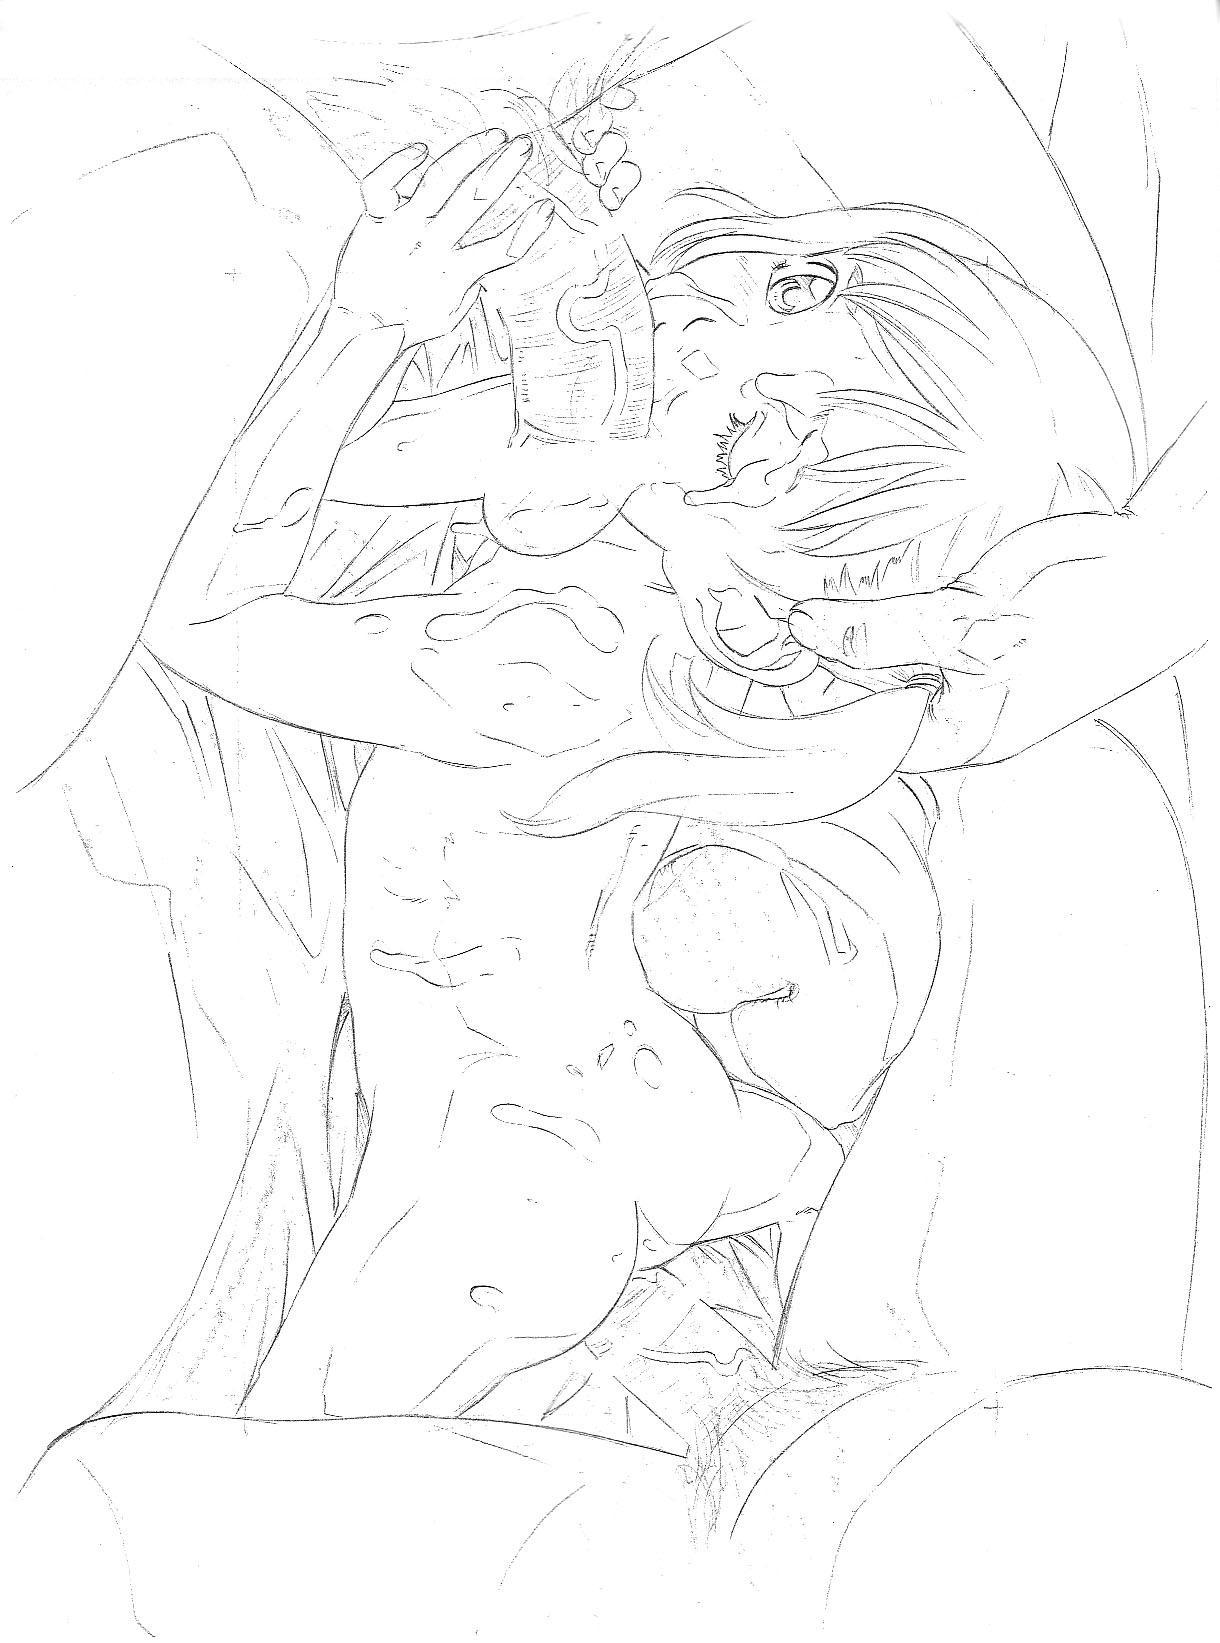 Original Rough Genga Copy Shuu 13